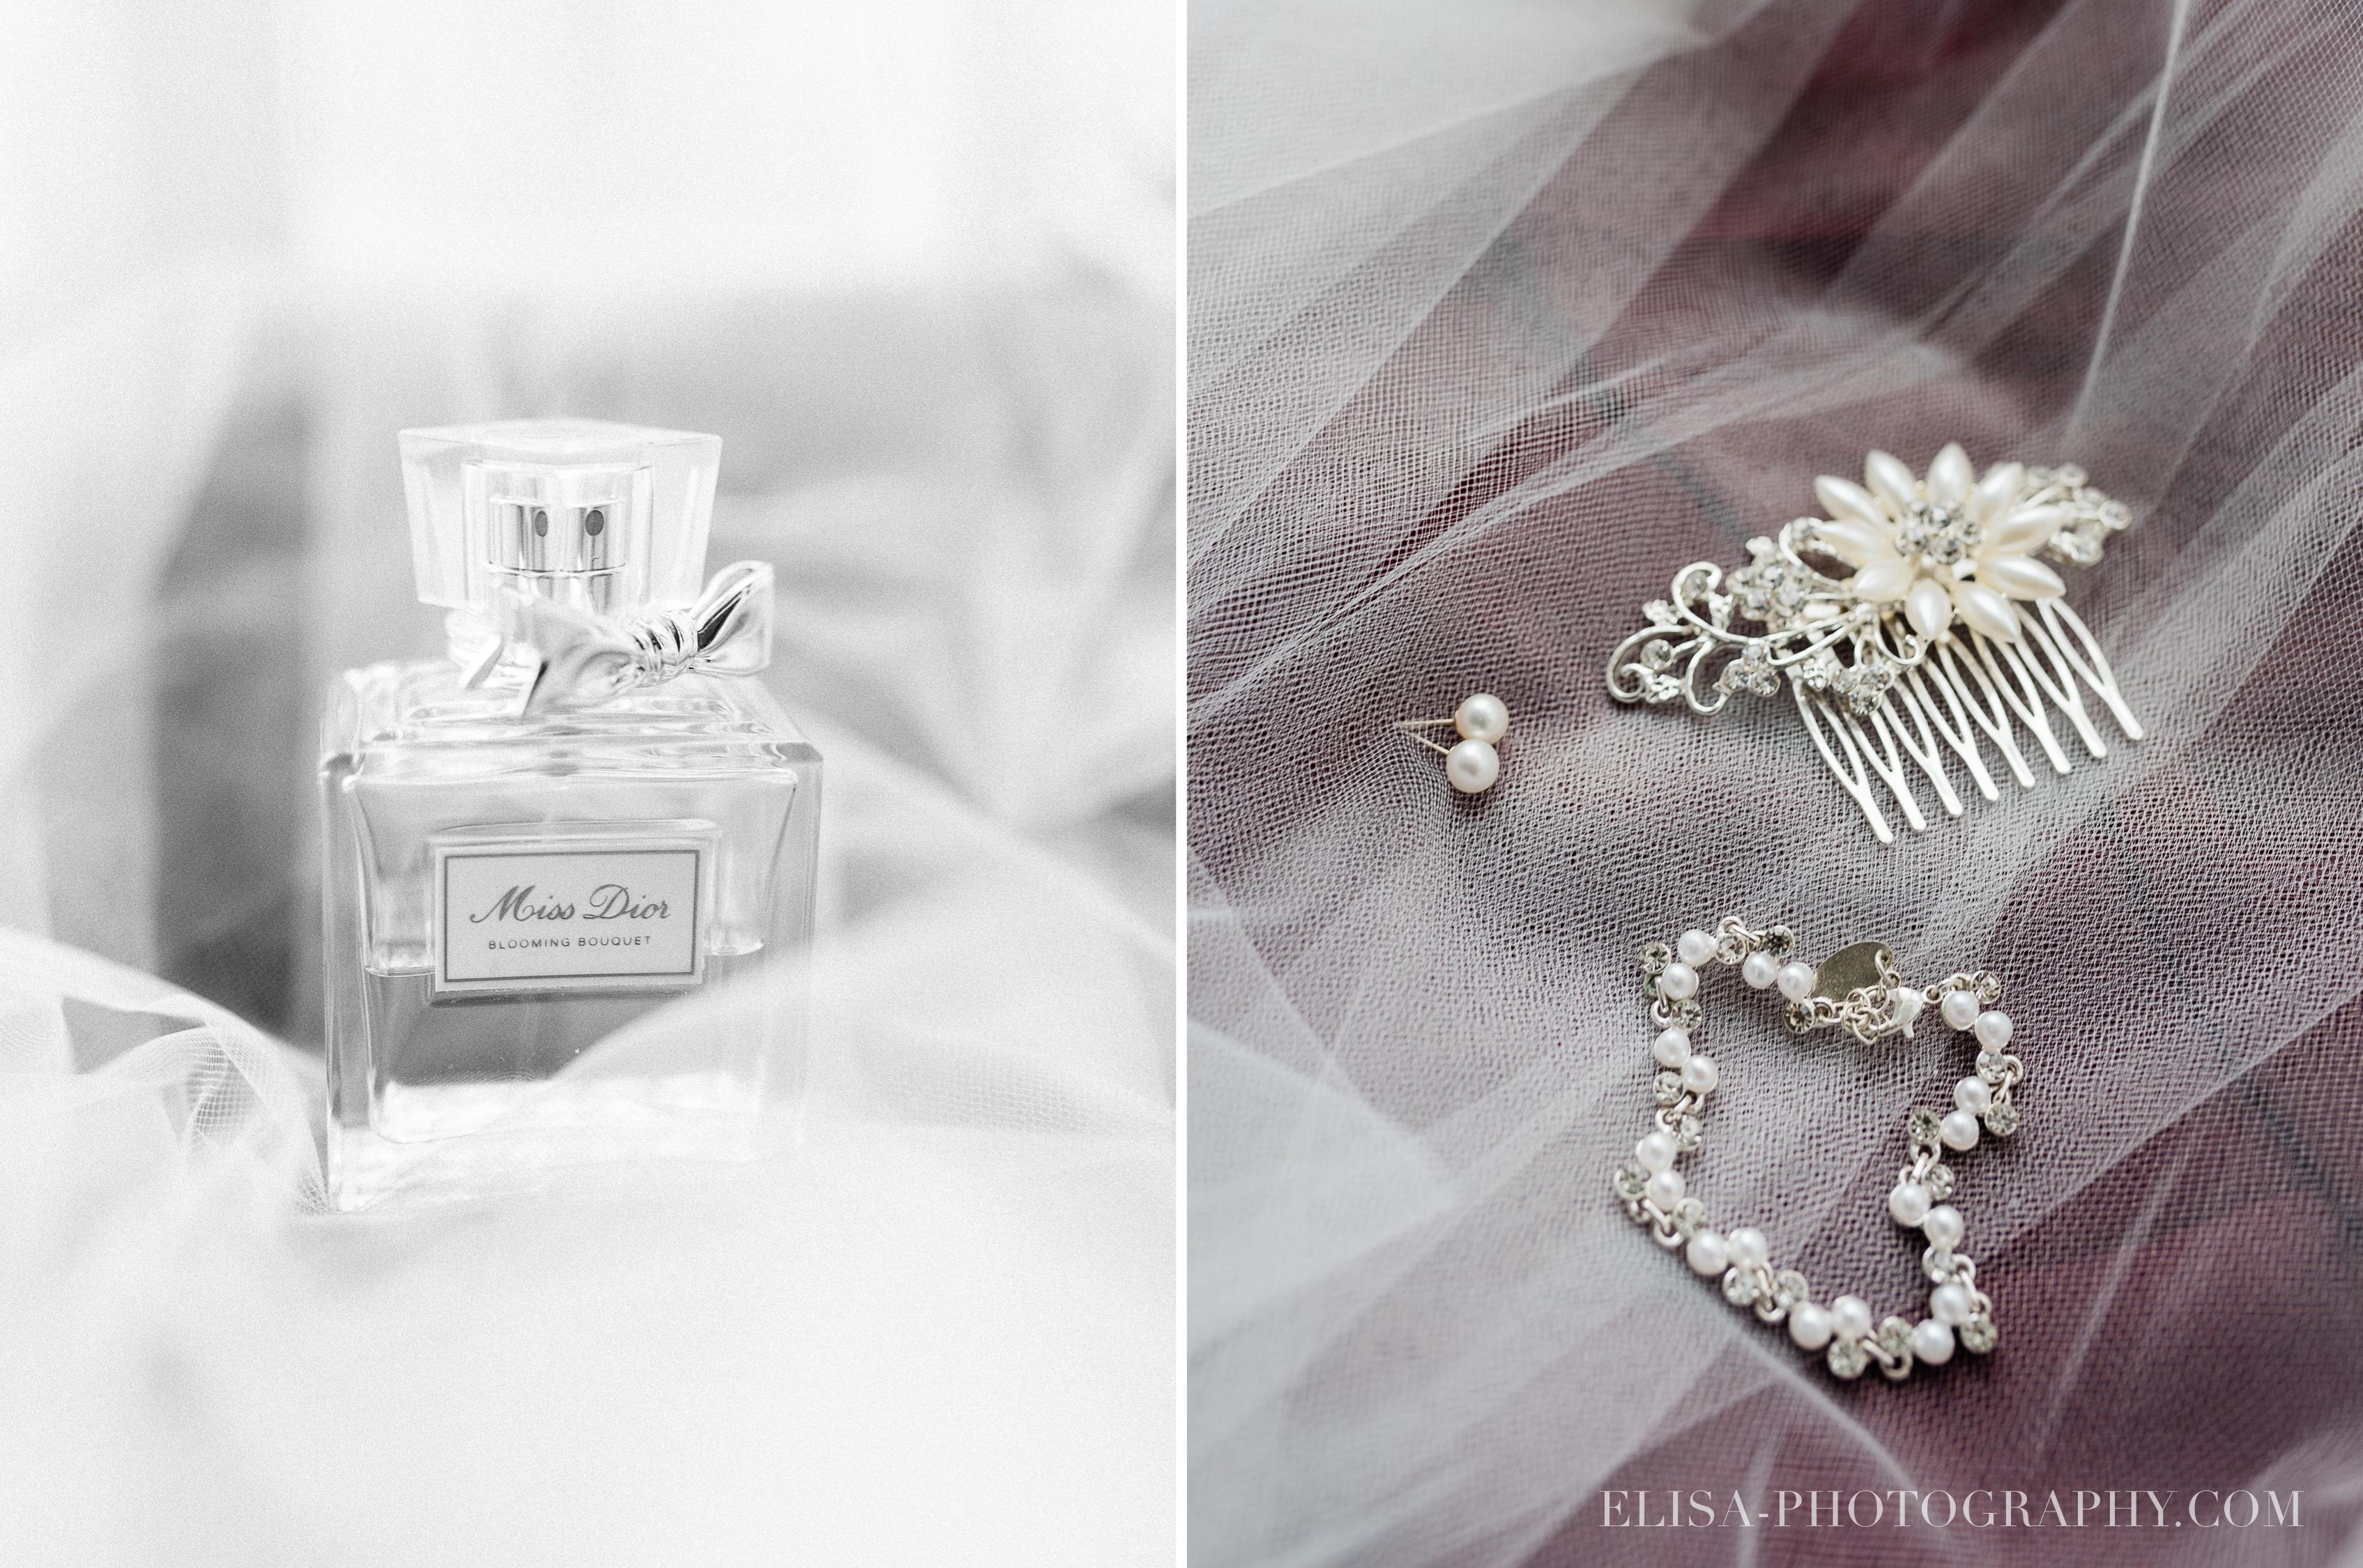 photo mariage auberge saint antoine elisa photographie quebec preparatifs de la mariee parfum bracelet cheveux accessoires - Mariage élégant et discret au coeur du magnifique Domaine Cataraqui, Québec